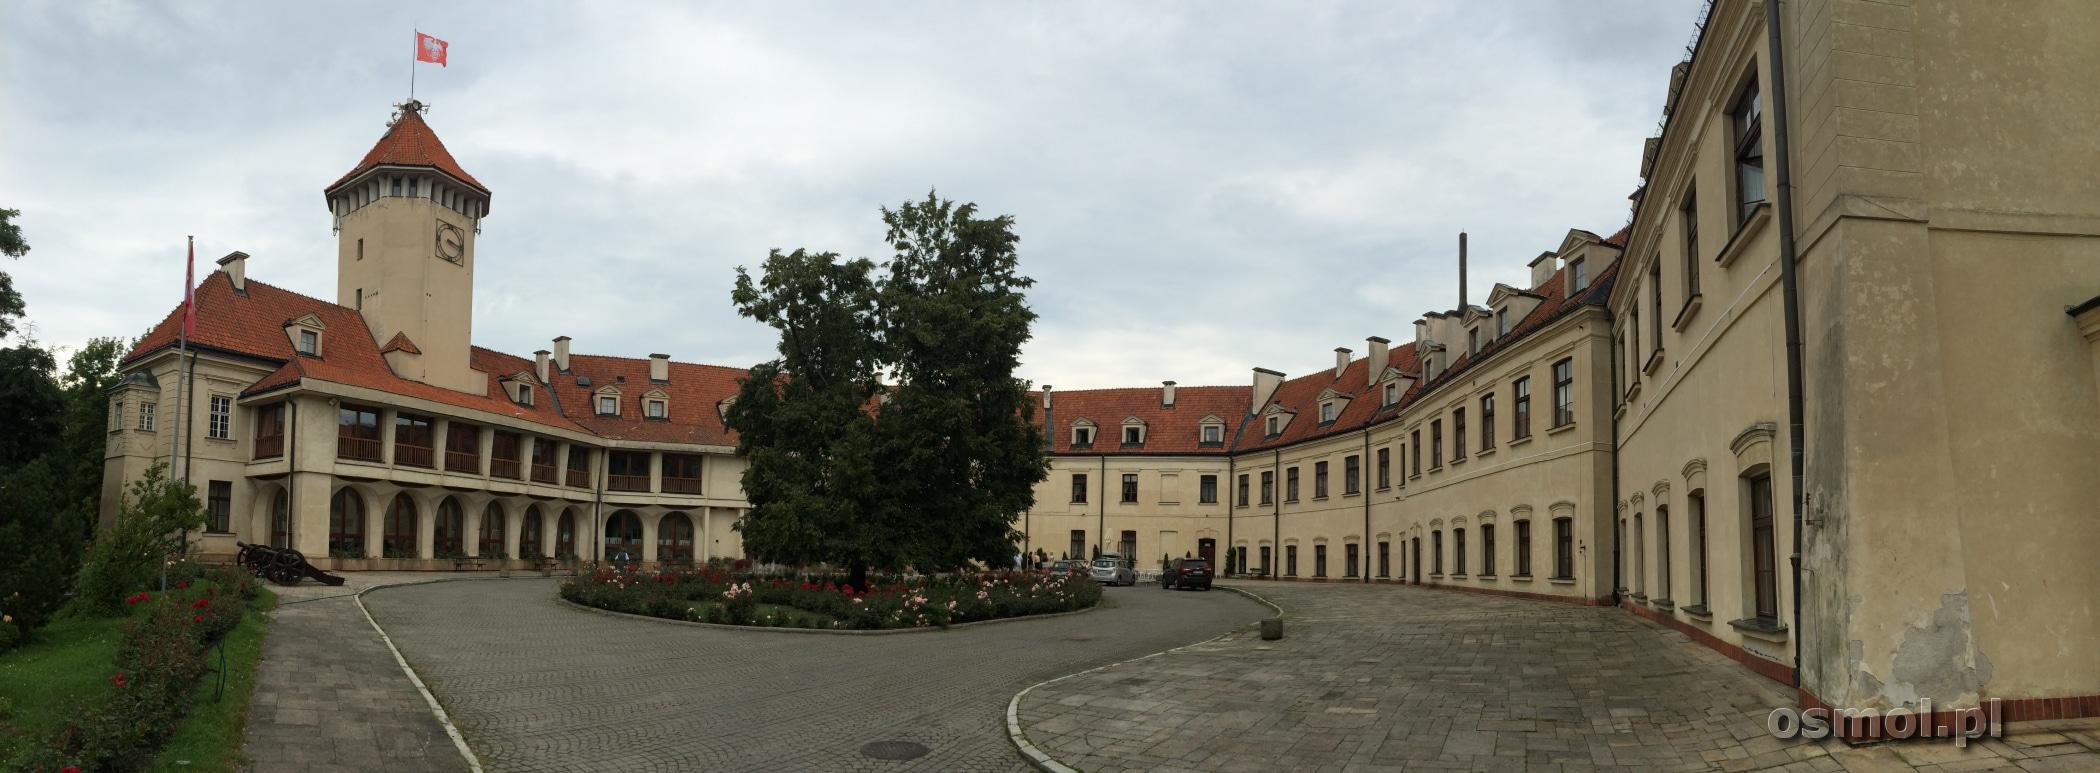 Dom Polonii w Pułtusku